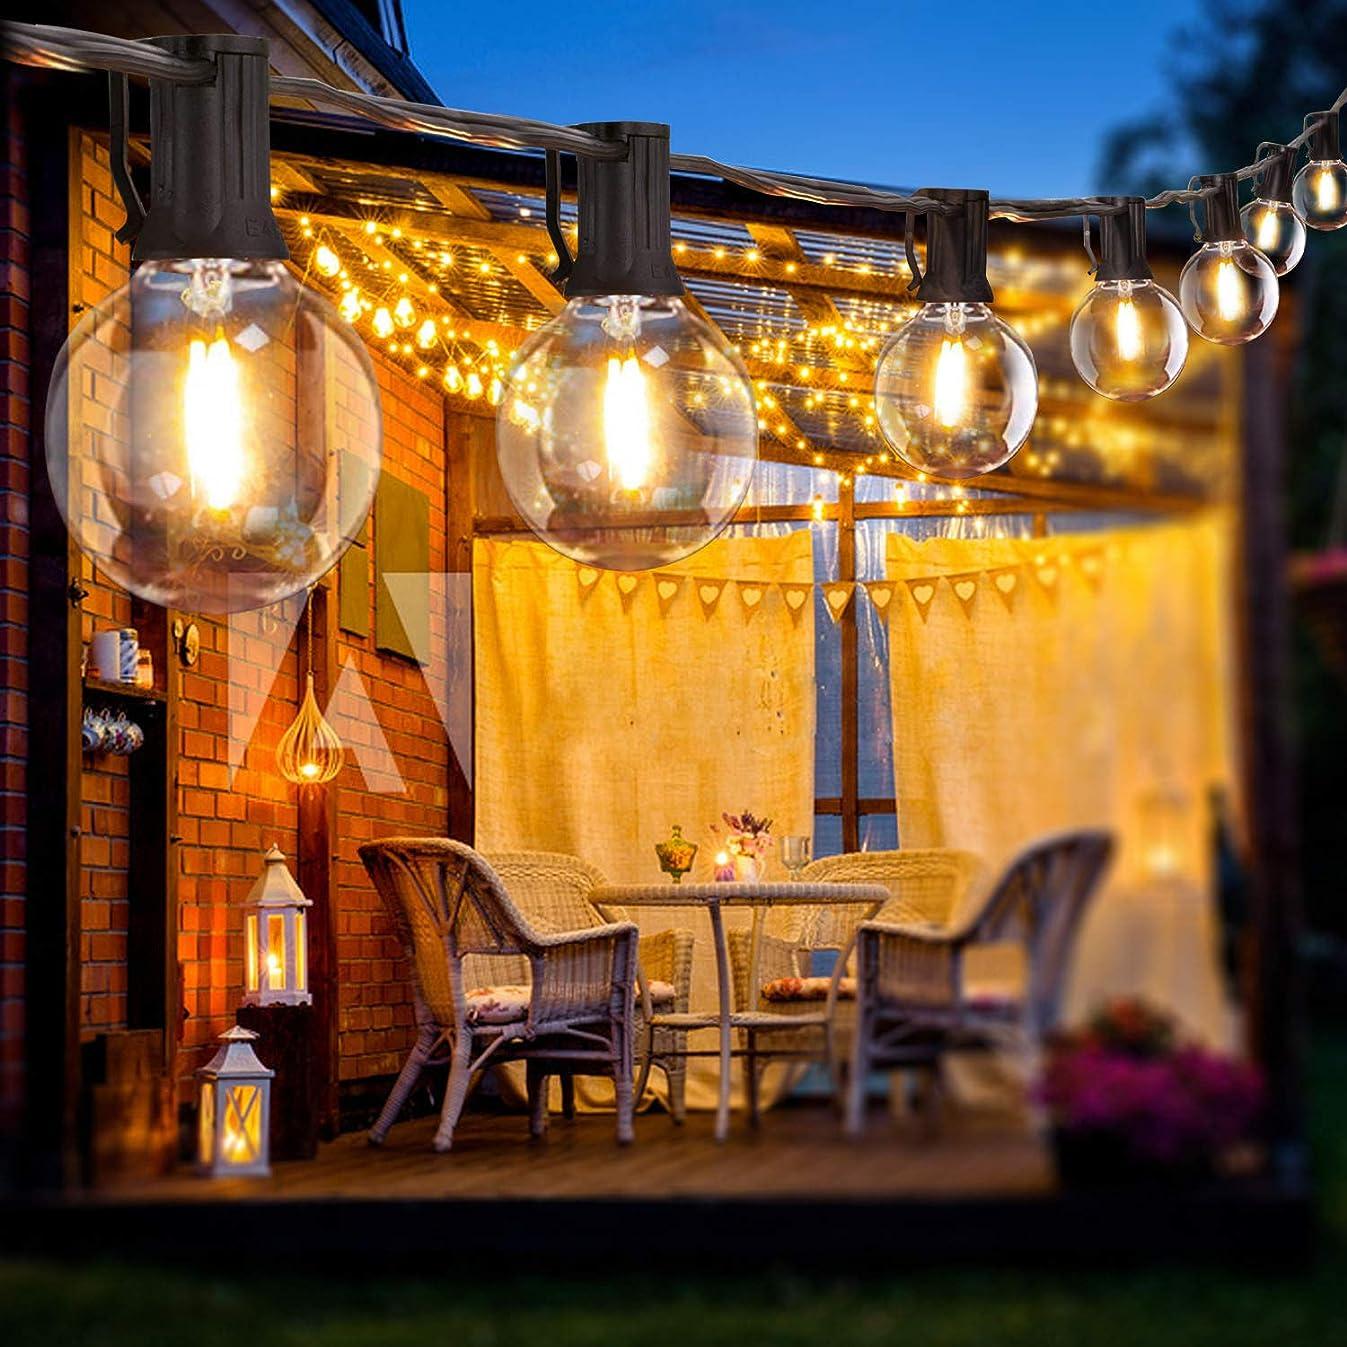 絡まるコールド補足BRTLX LEDストリングライト 防雨型 5.5M 電球付き12個 LEDイルミネーションライト 2700k 電球色相当 E17口金 黒 ソケット10個 クリスマス イルミネーション 装飾ライト 誕生日パーティー電飾 結婚式飾り